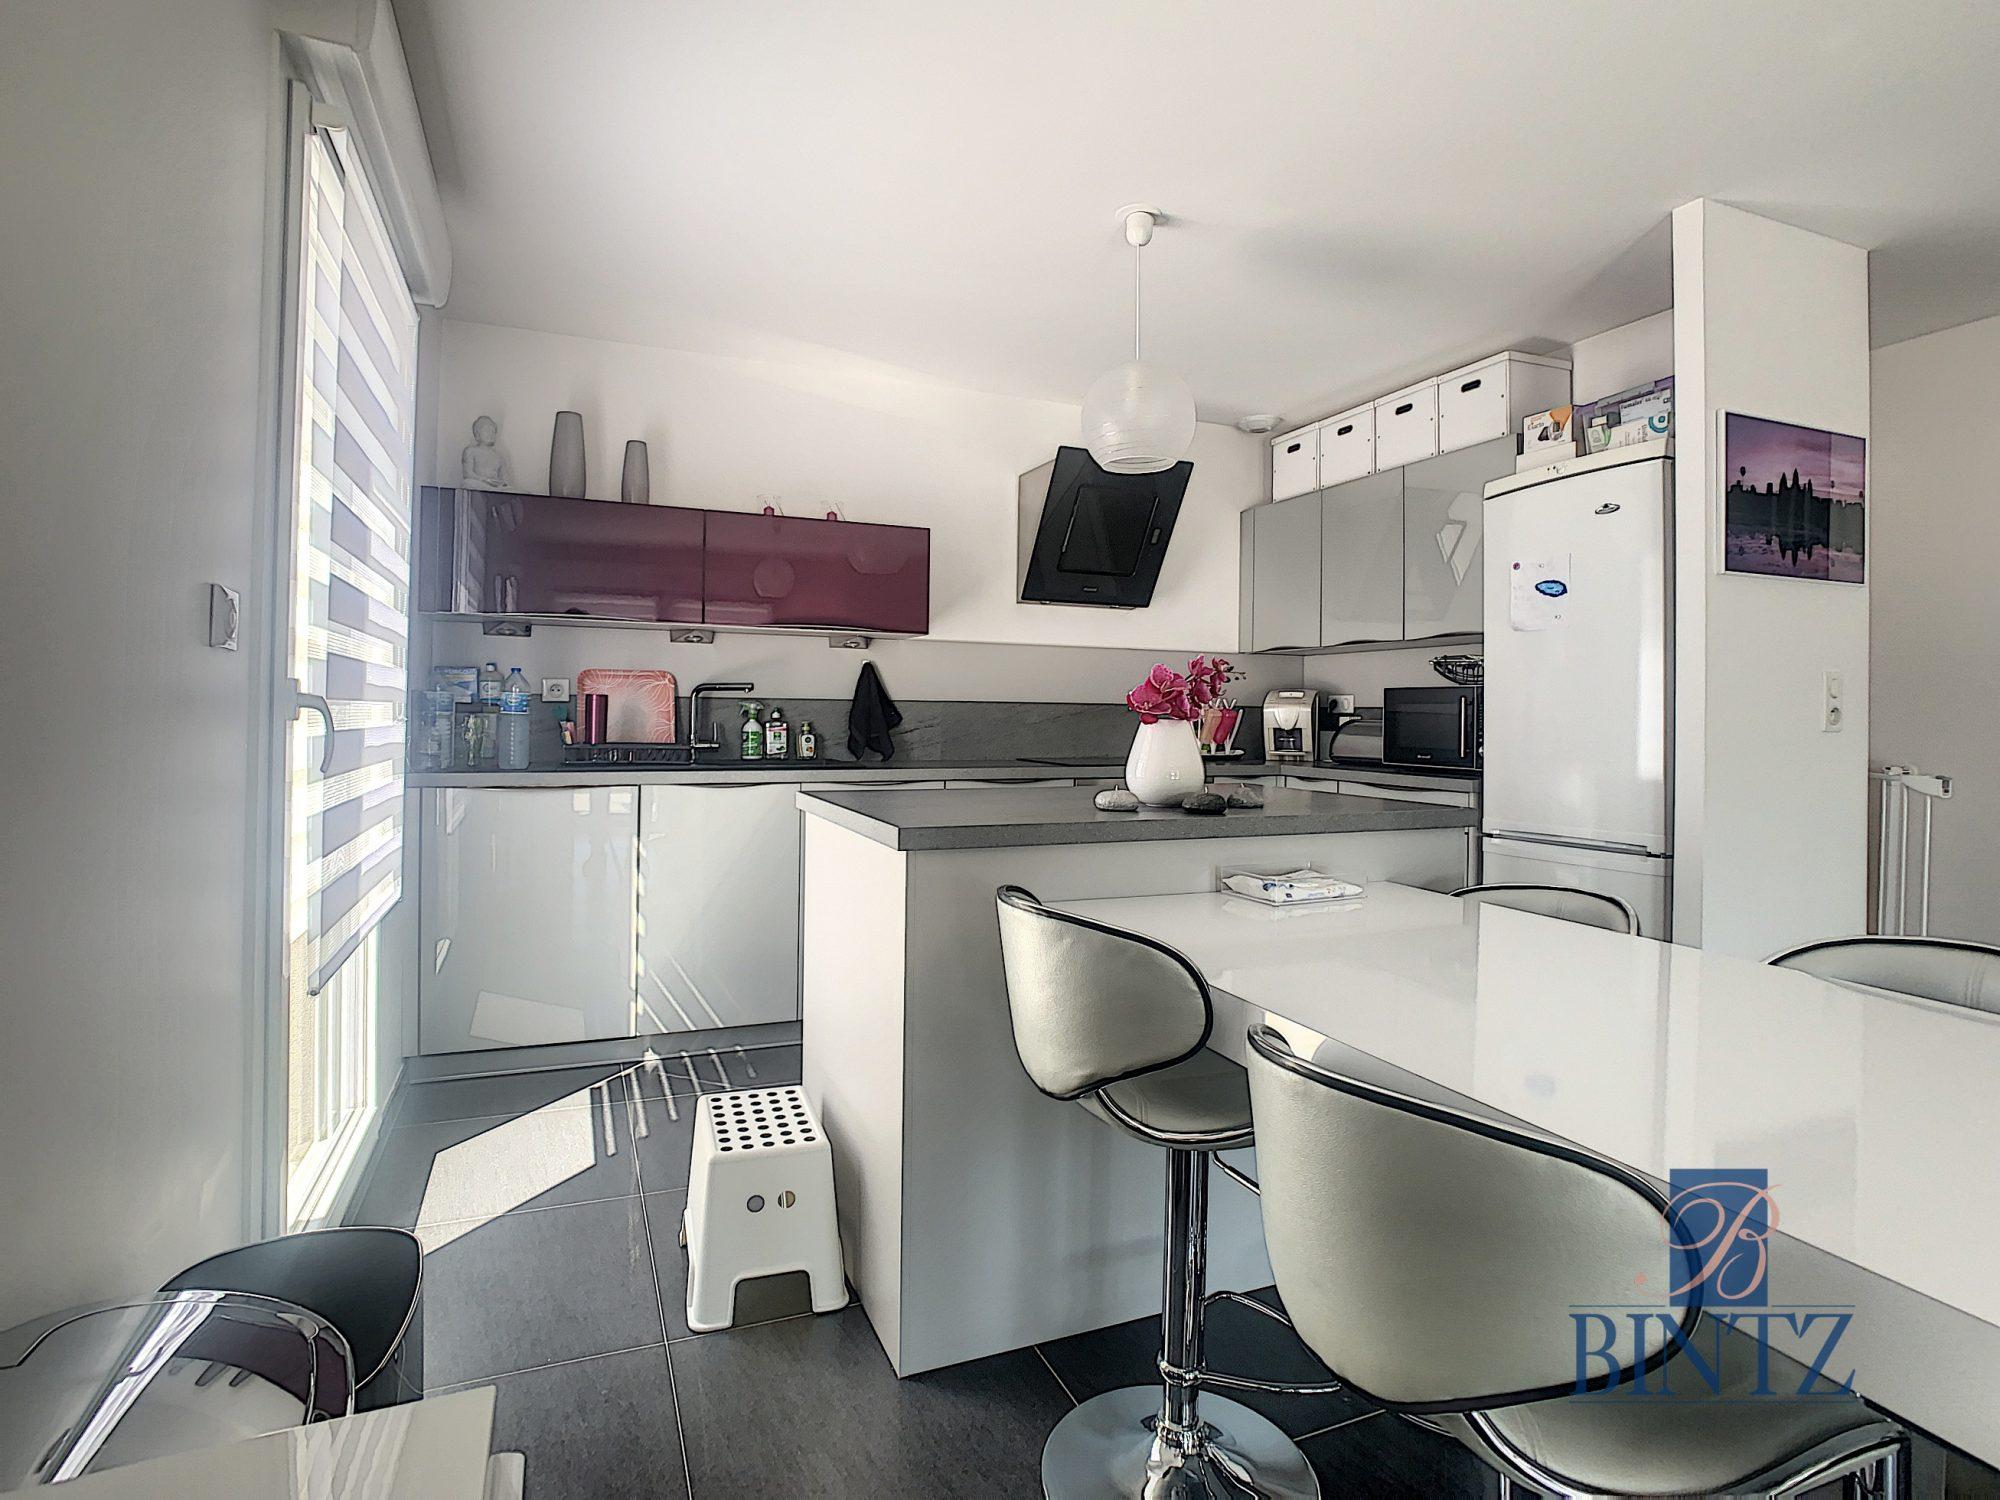 Appartement 4 pièces Duplex rez-de-jardin - Devenez propriétaire en toute confiance - Bintz Immobilier - 8